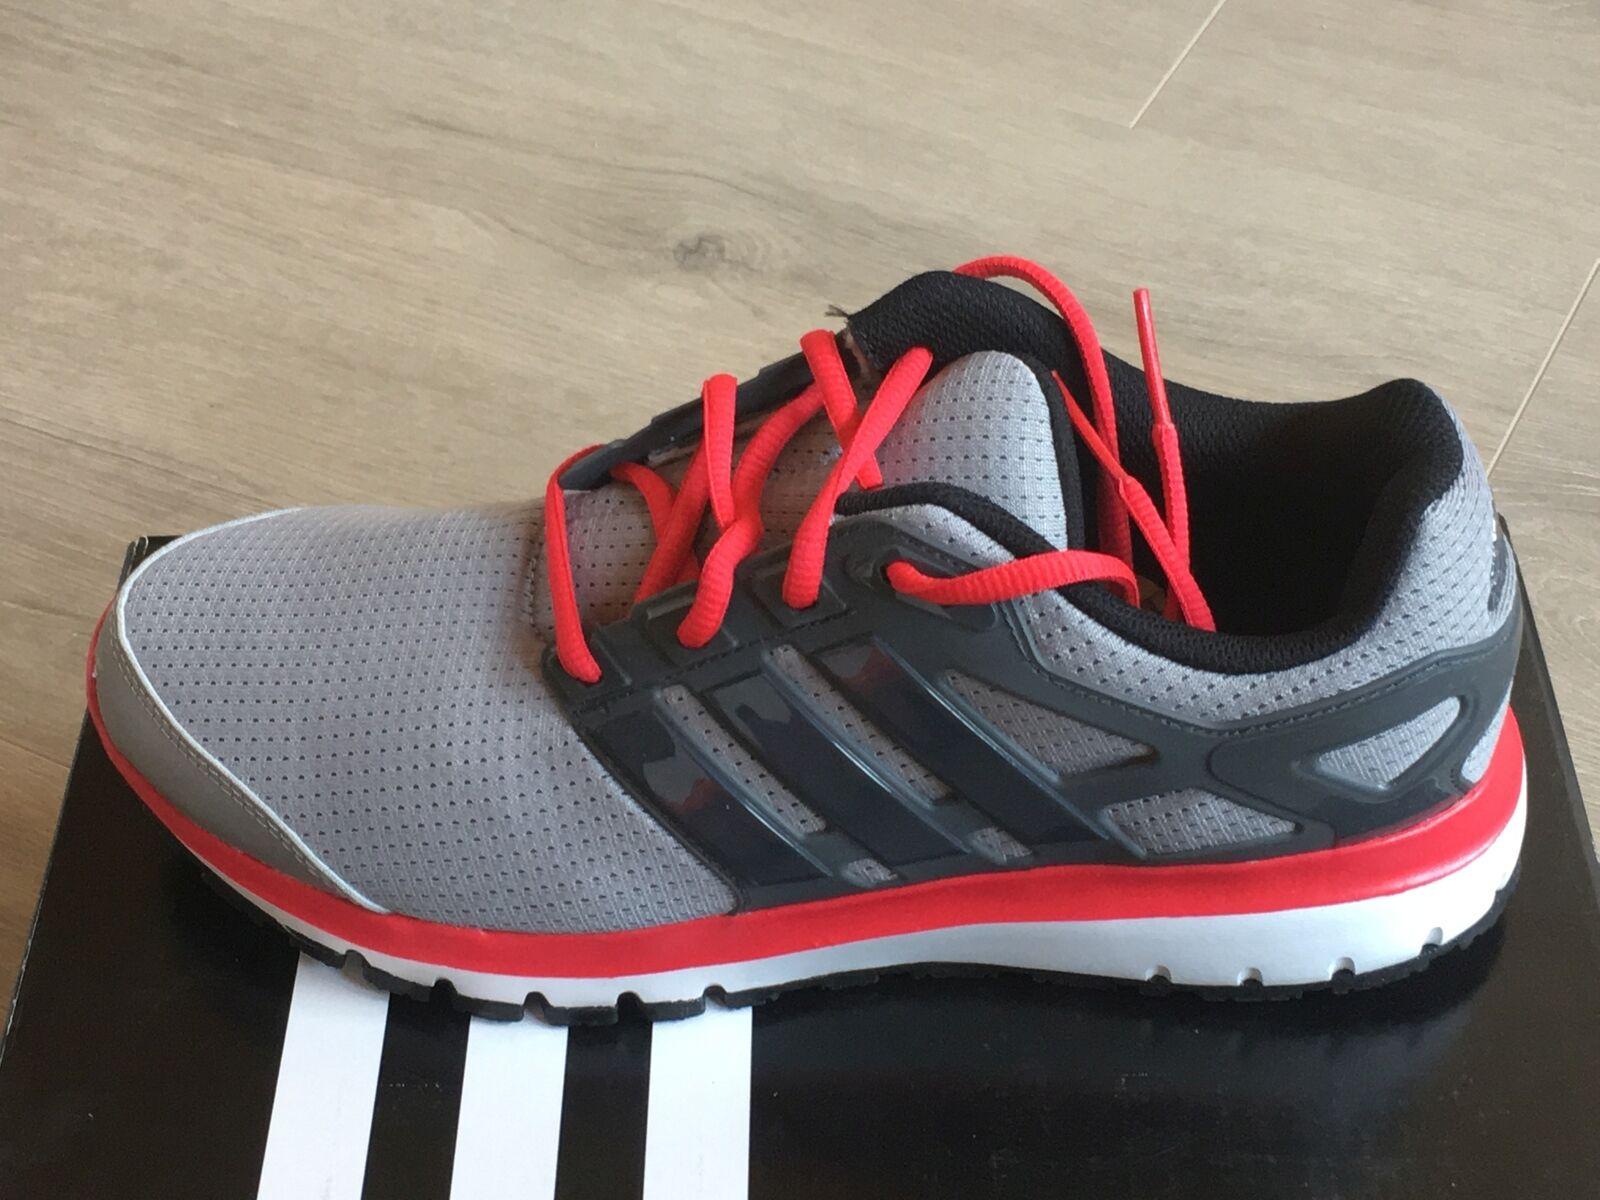 Adidas Energy Cloud Cloud Cloud M Herren grau Laufschuhe Turnschuhe Jogging Turnschuhe BB4113 cfd1df